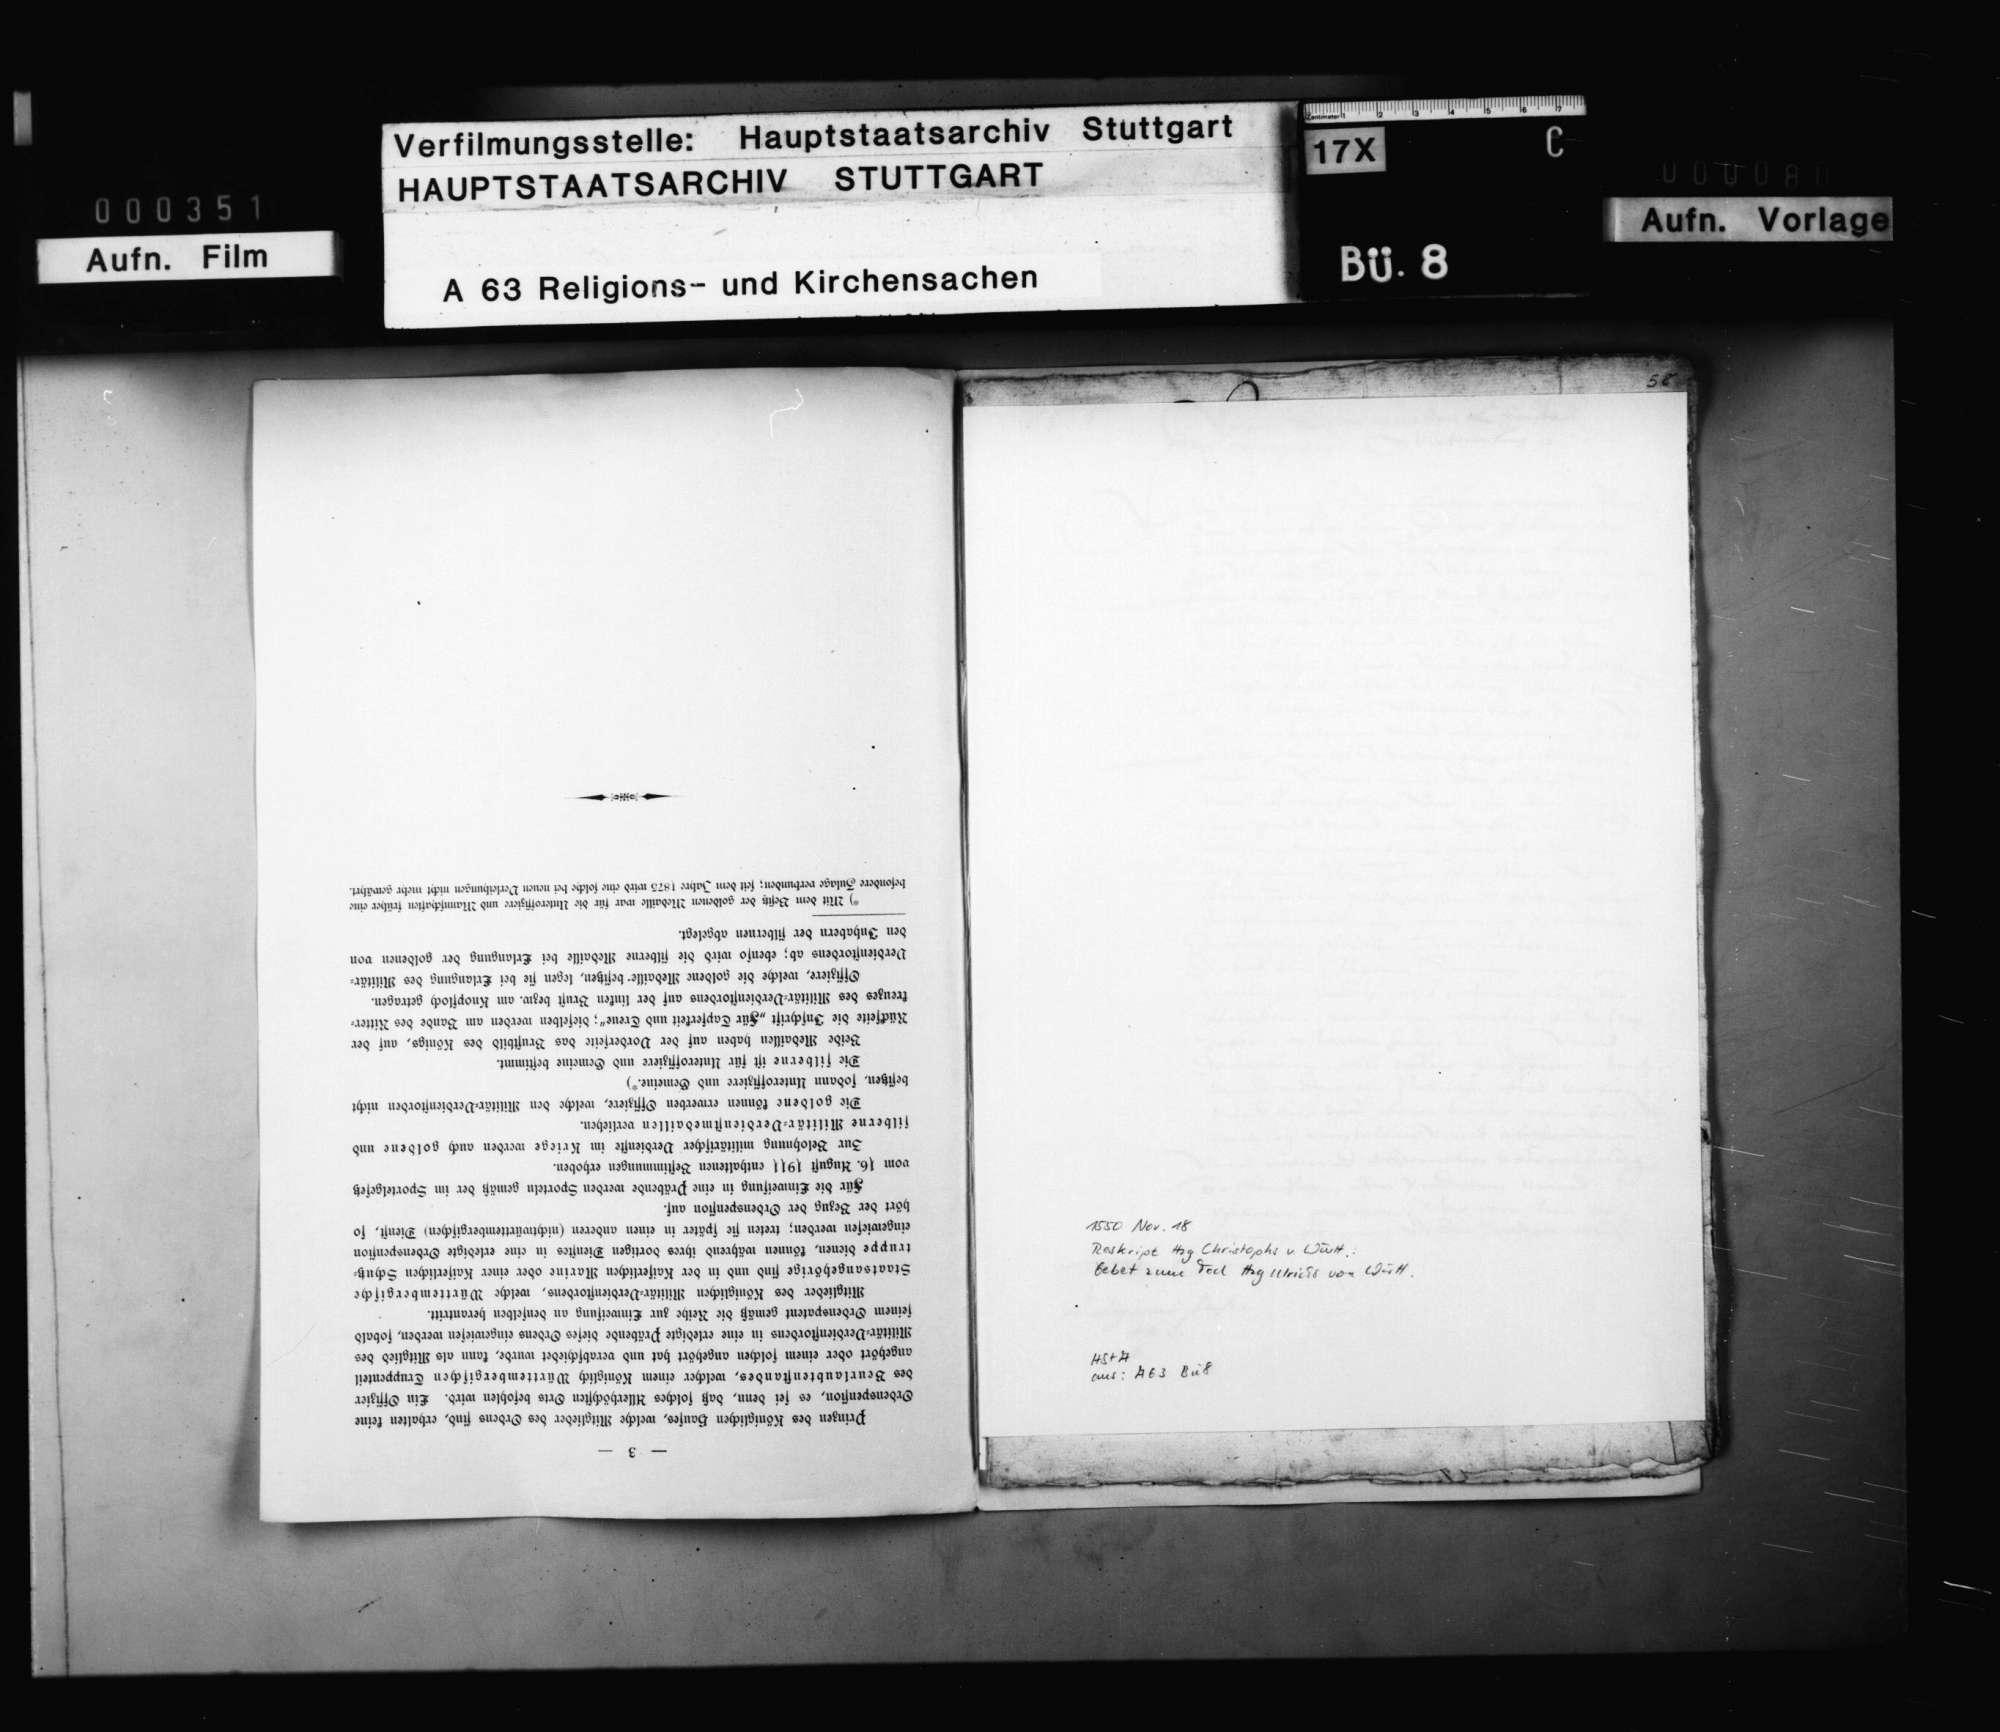 Reskript Herzog Christophs, betreffend die Anordnung eines Gebets auf das Ableben Herzog Ulrichs, und Befehl, sich auf der Kanzel hitziger Worte zu enthalten., Bild 3